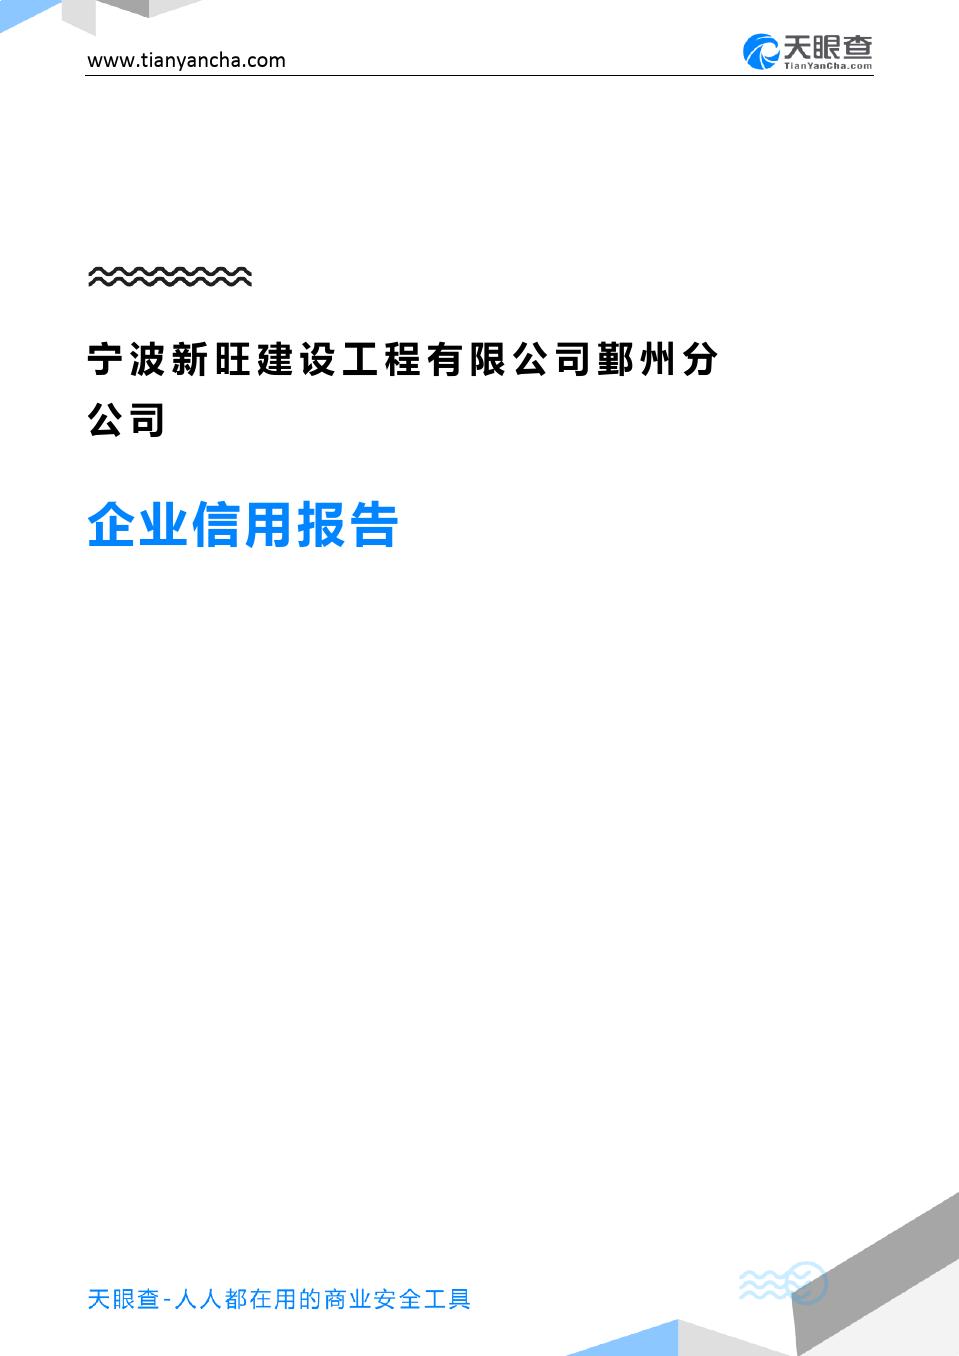 宁波新旺建设工程有限公司鄞州分公司企业信用报告-天眼查